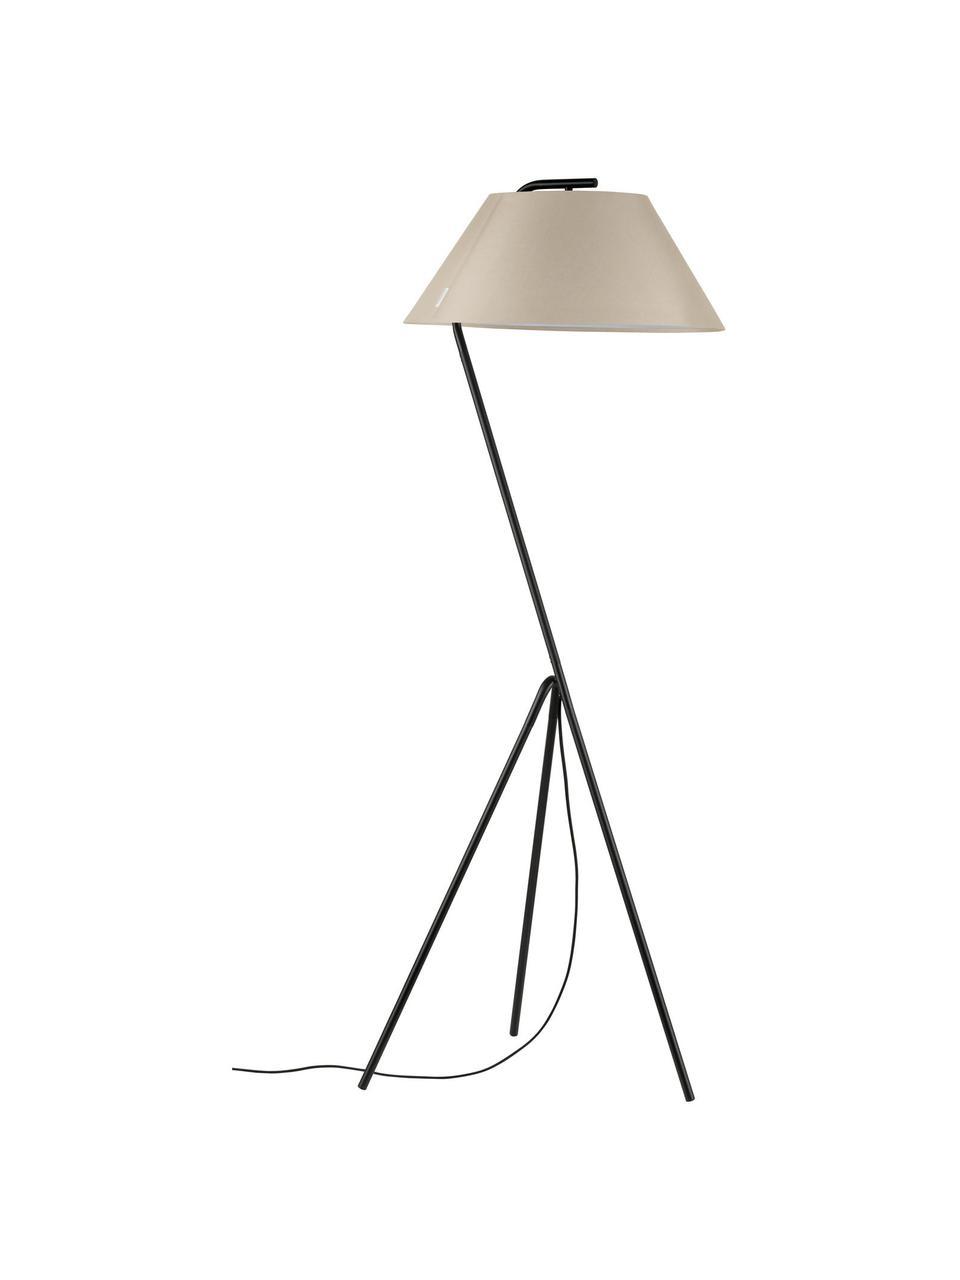 Dimbare tripod vloerlamp Narve, Lampenkap: textiel, Lampvoet: gecoat metaal, Beige, zwart, 53 x 154 cm